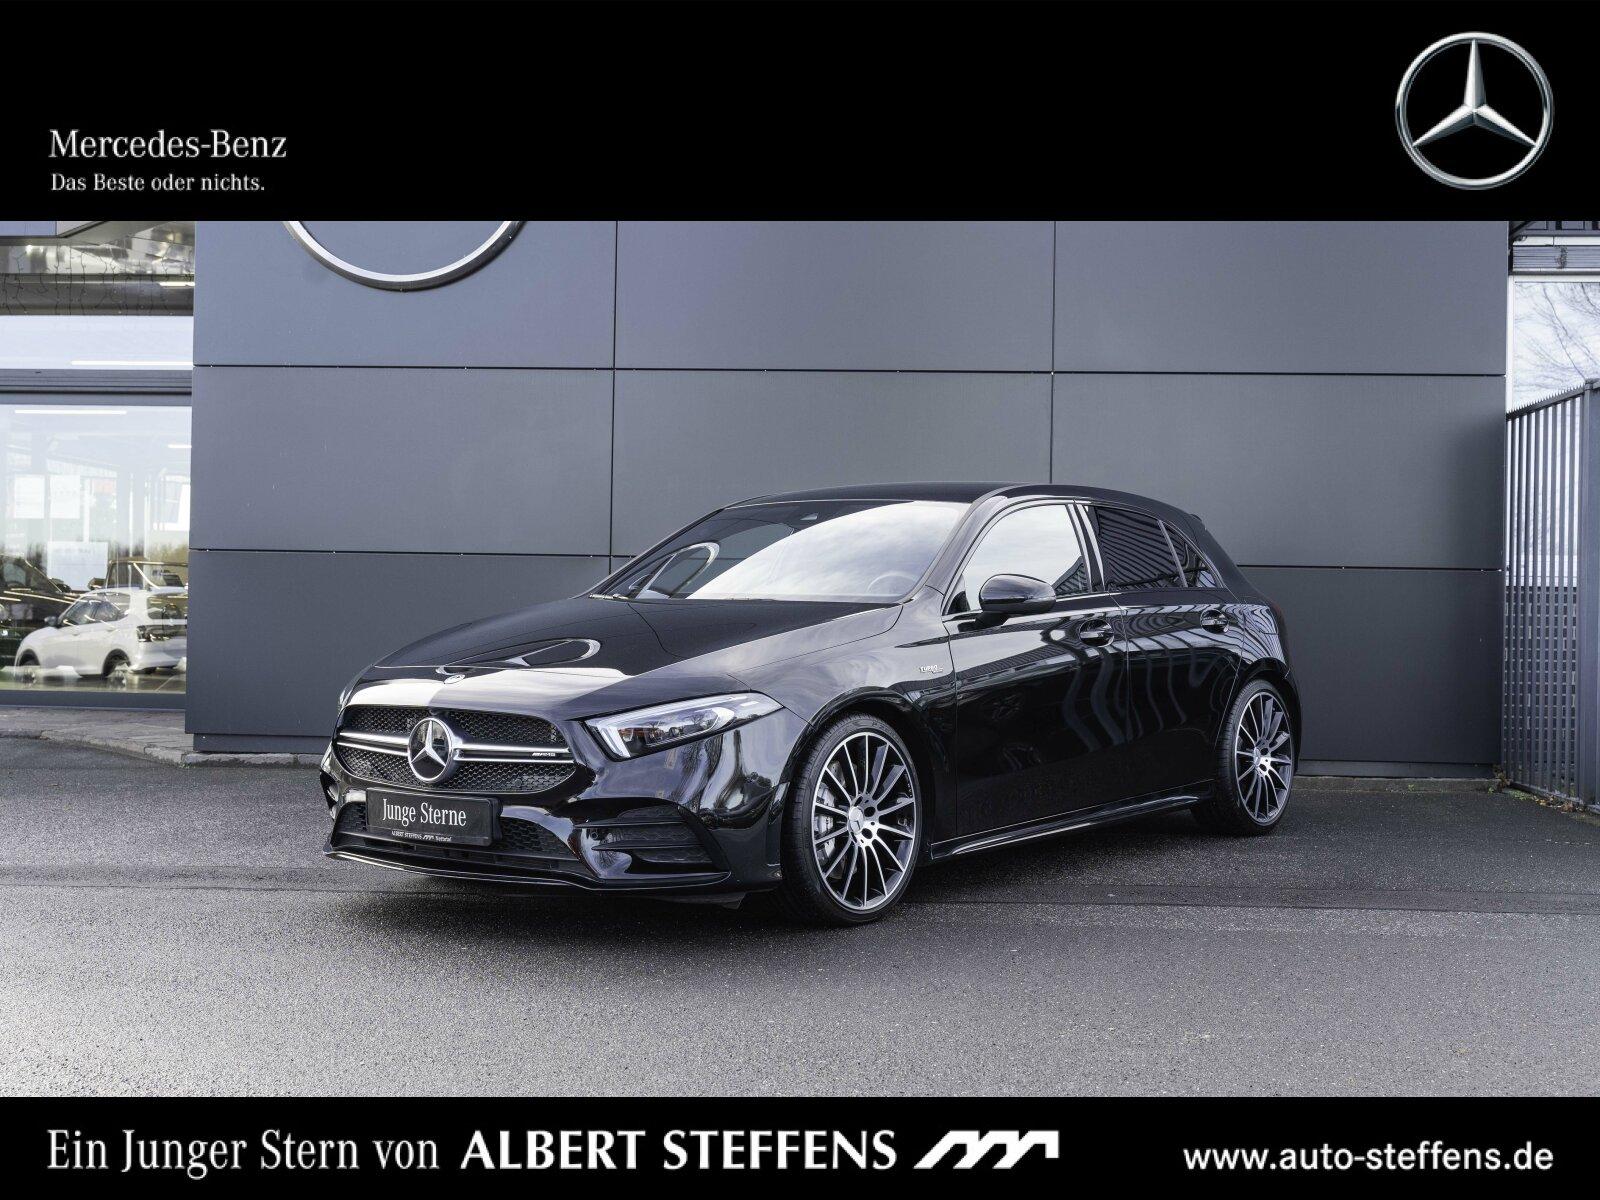 Mercedes-Benz Mercedes-AMG A 35 4M Navi+Multib+SHZ+MBUX+Kamera, Jahr 2019, Benzin